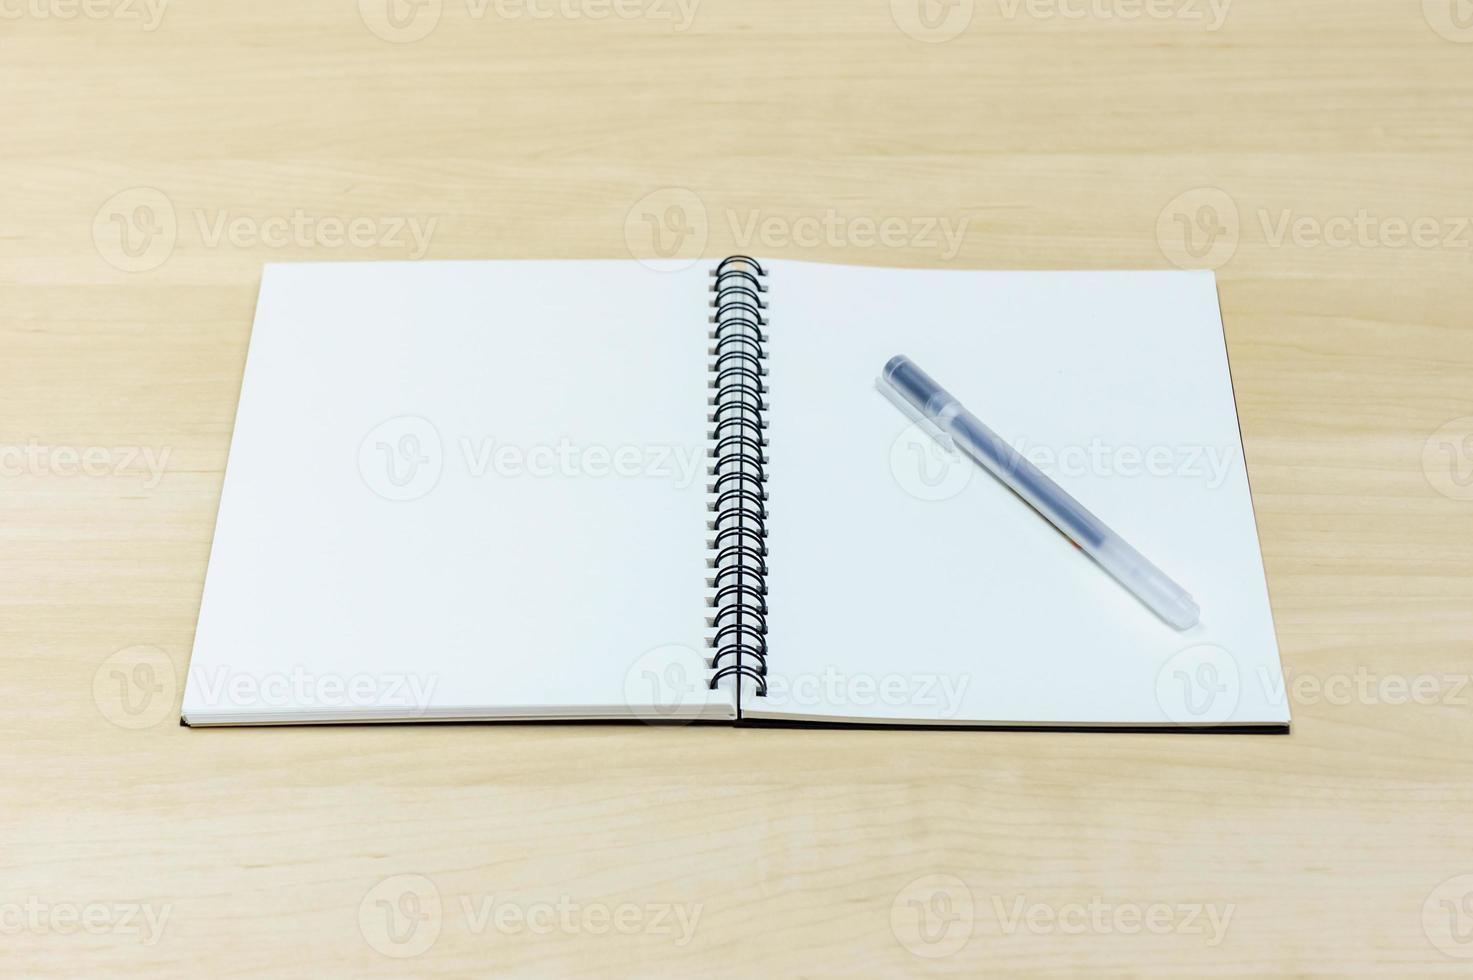 penna e taccuino sullo scrittorio di legno foto